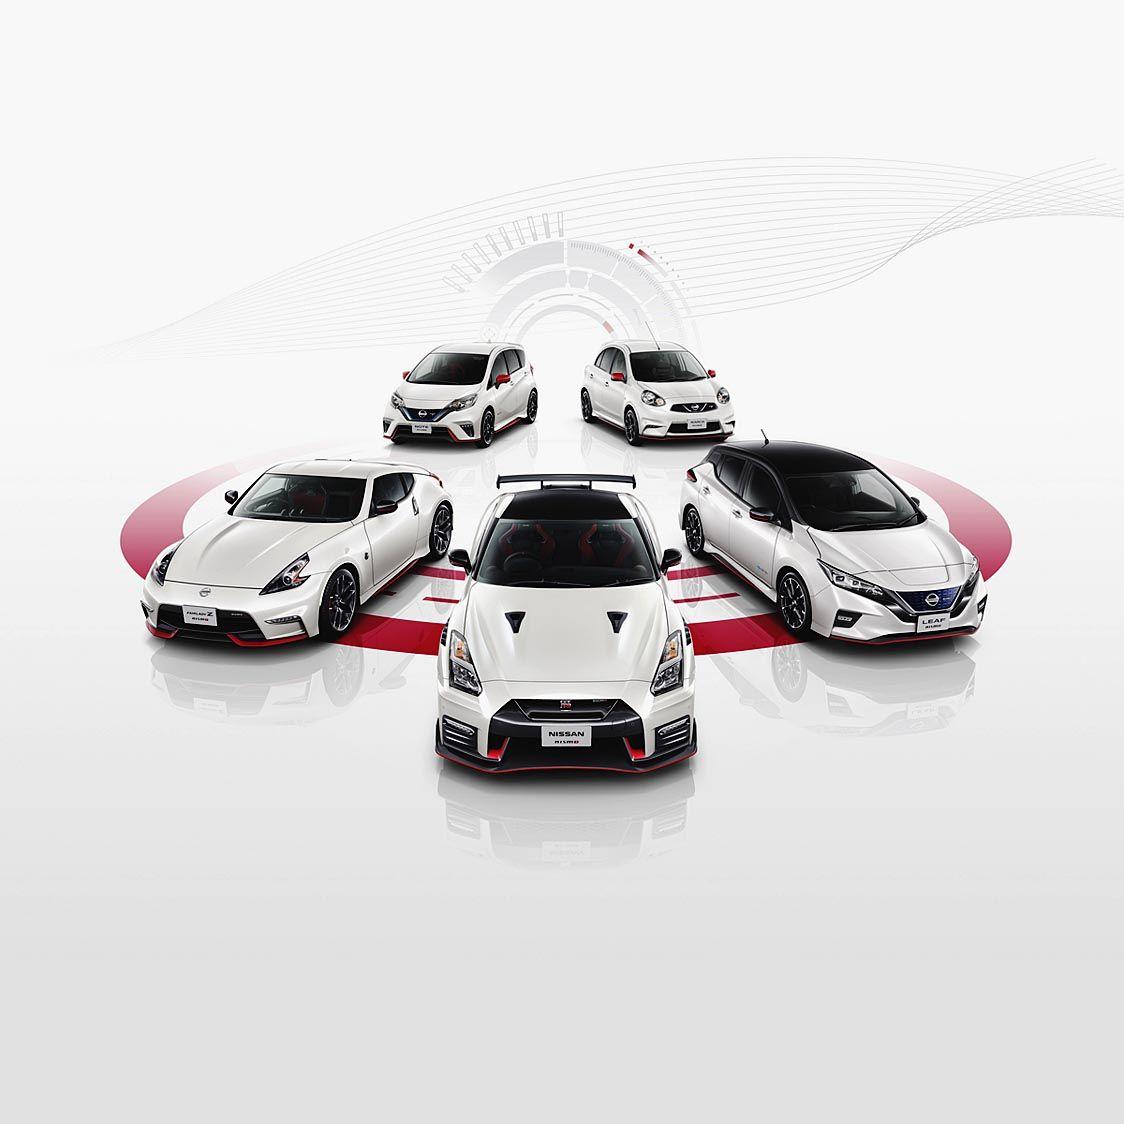 日産、ニスモ展示イベント 最新モデルやレース関連車がずらり グローバル本社ギャラリーで12日から